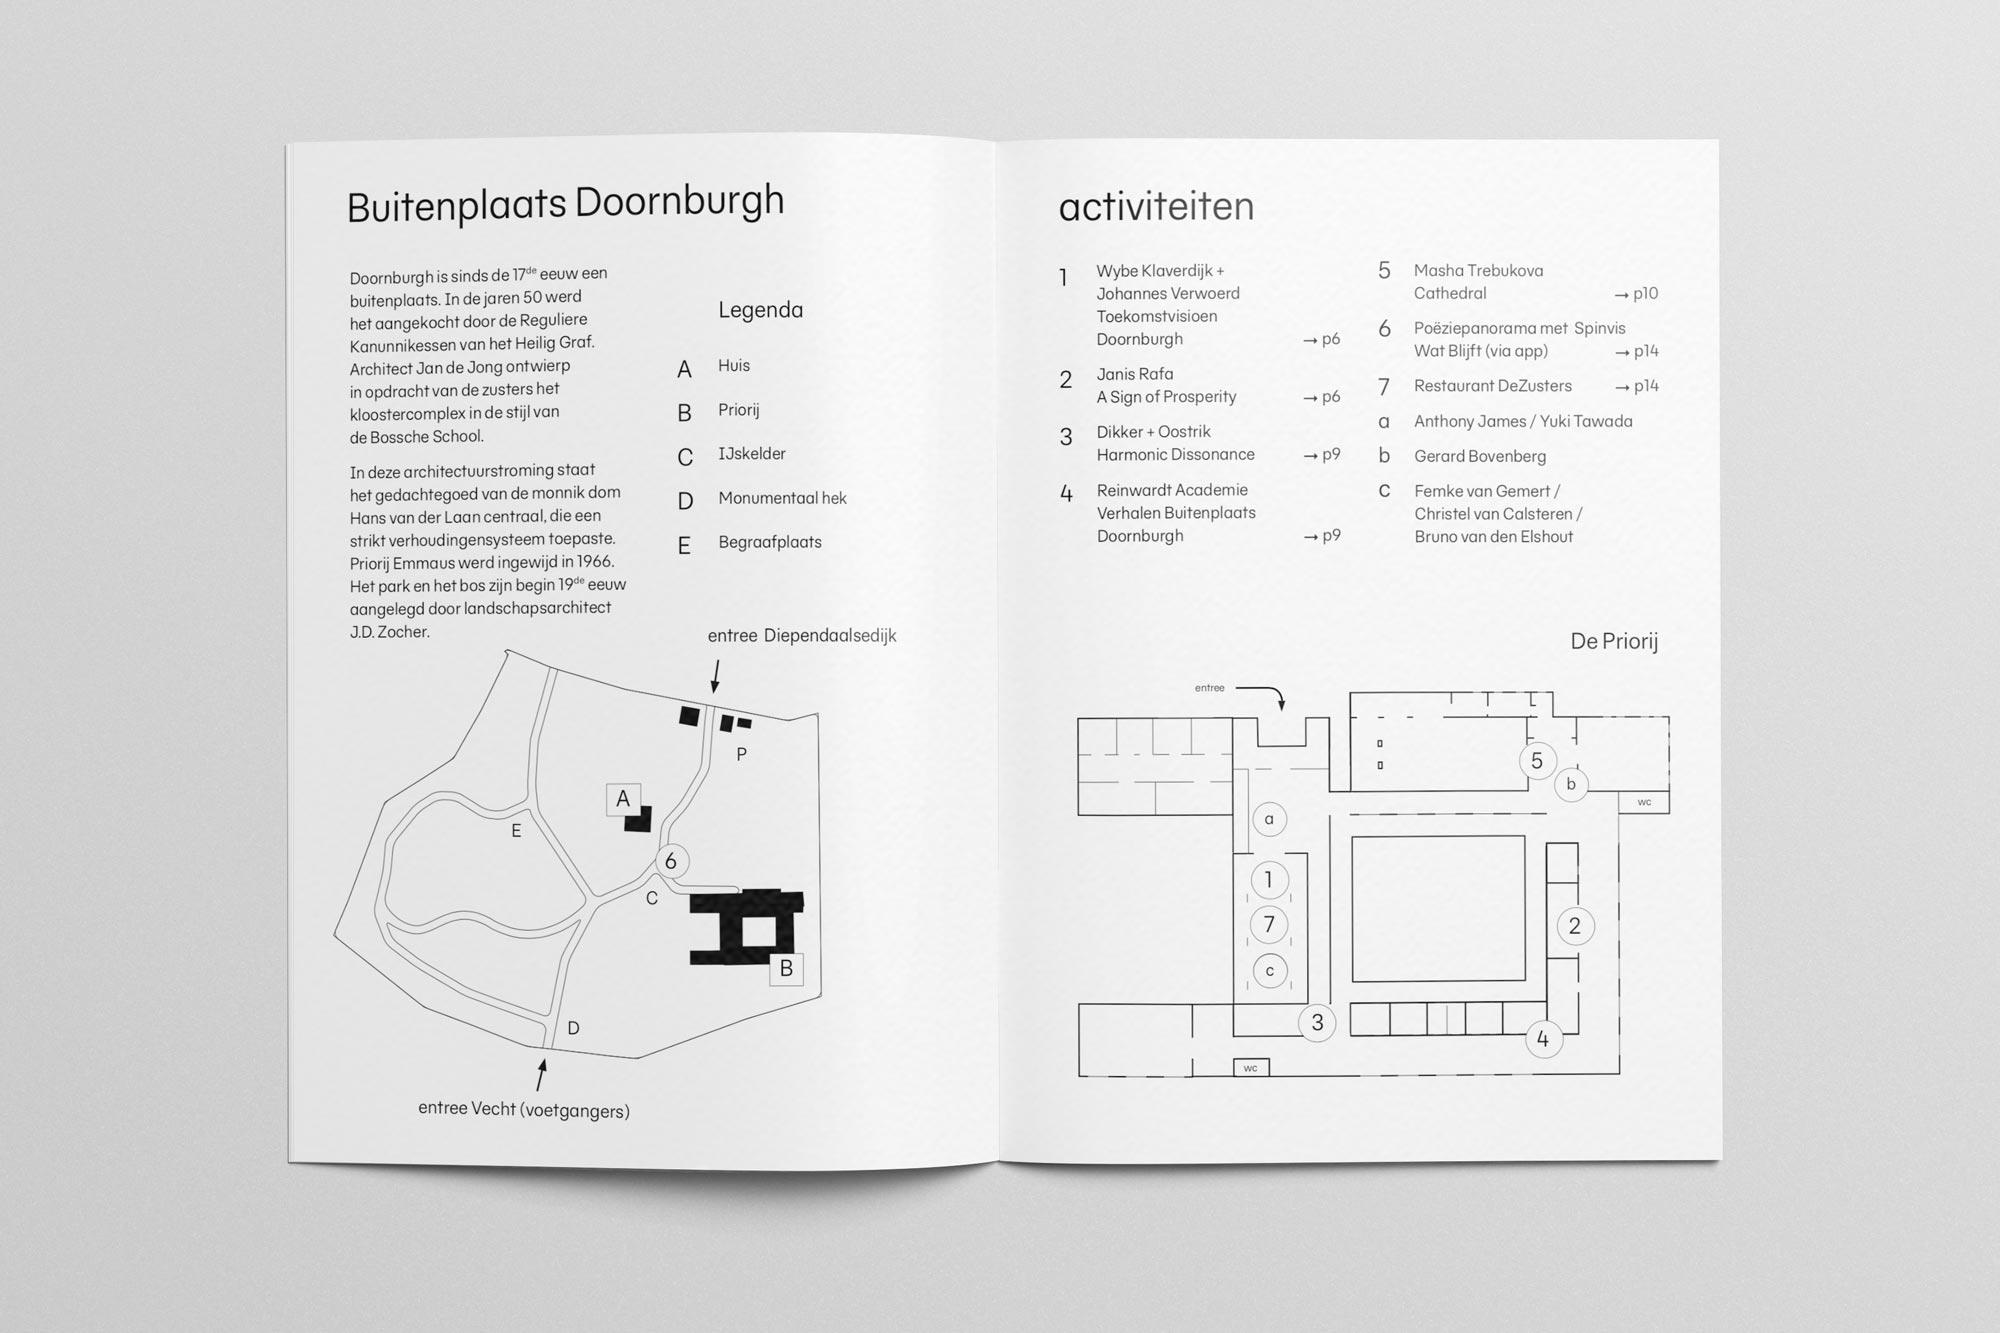 Doornburgh by Johannes Verwoerd ©